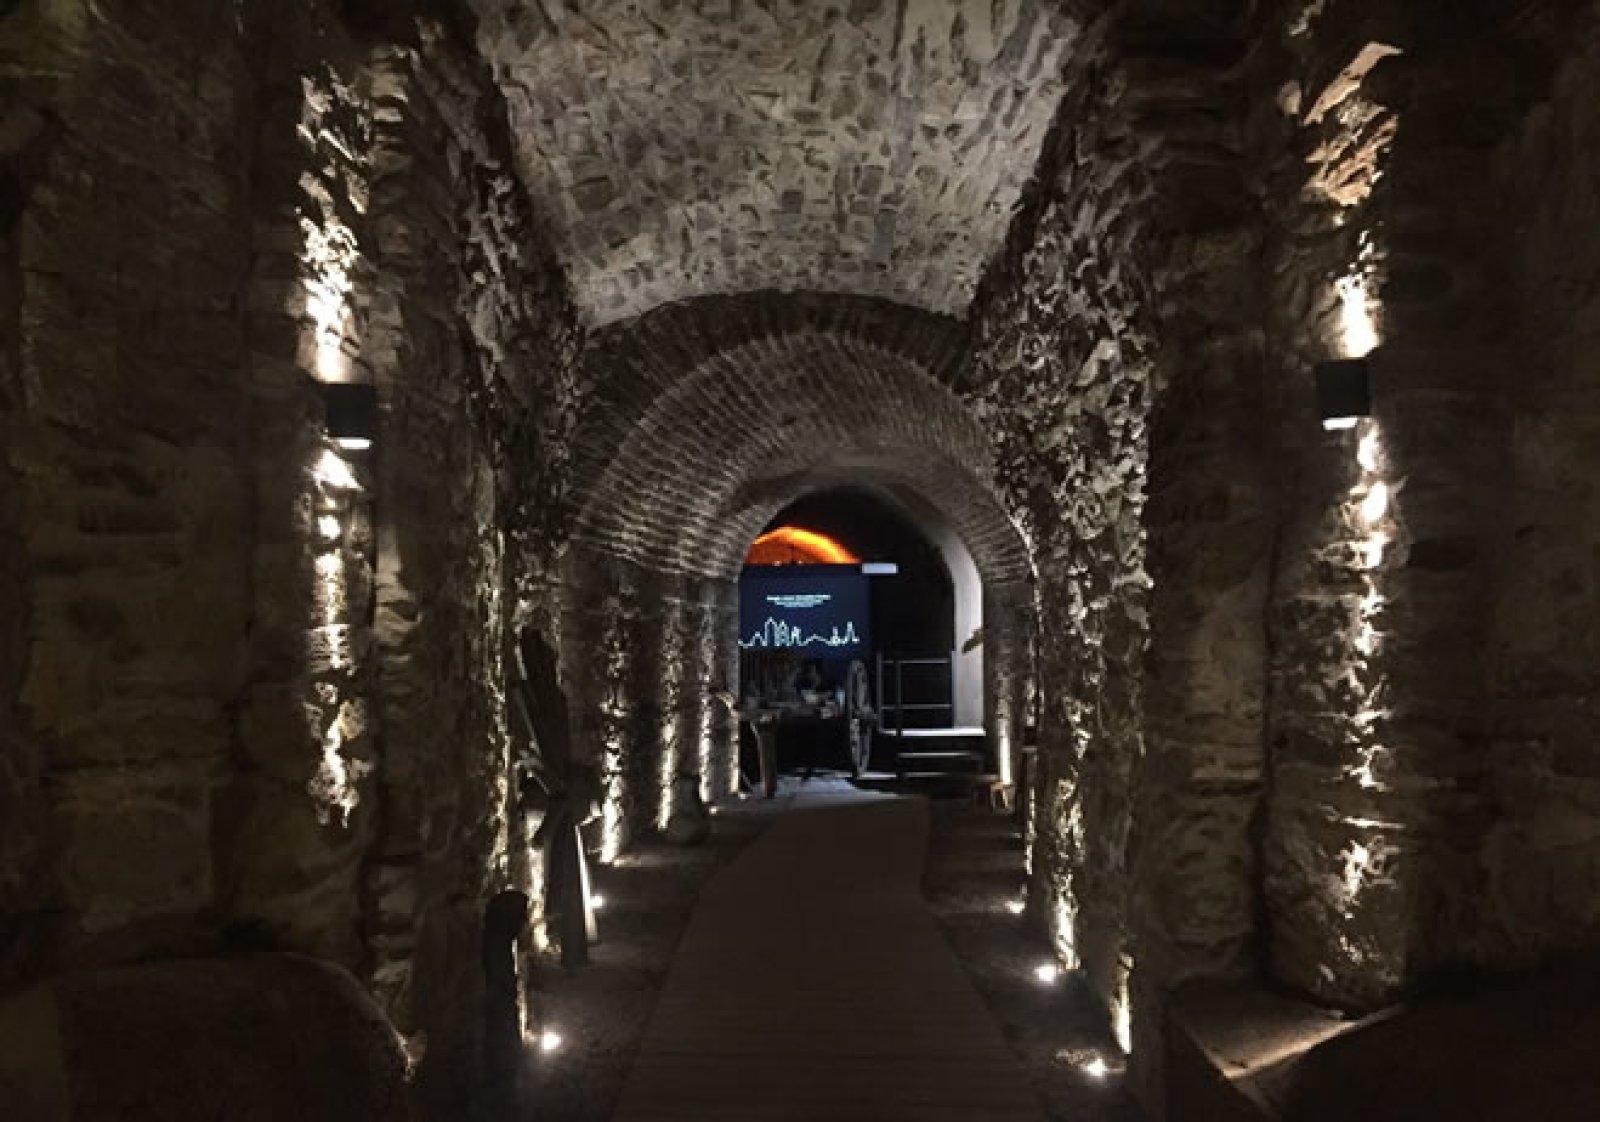 Conoce más de la historia de la cuidad en los túneles secretos de Puebla